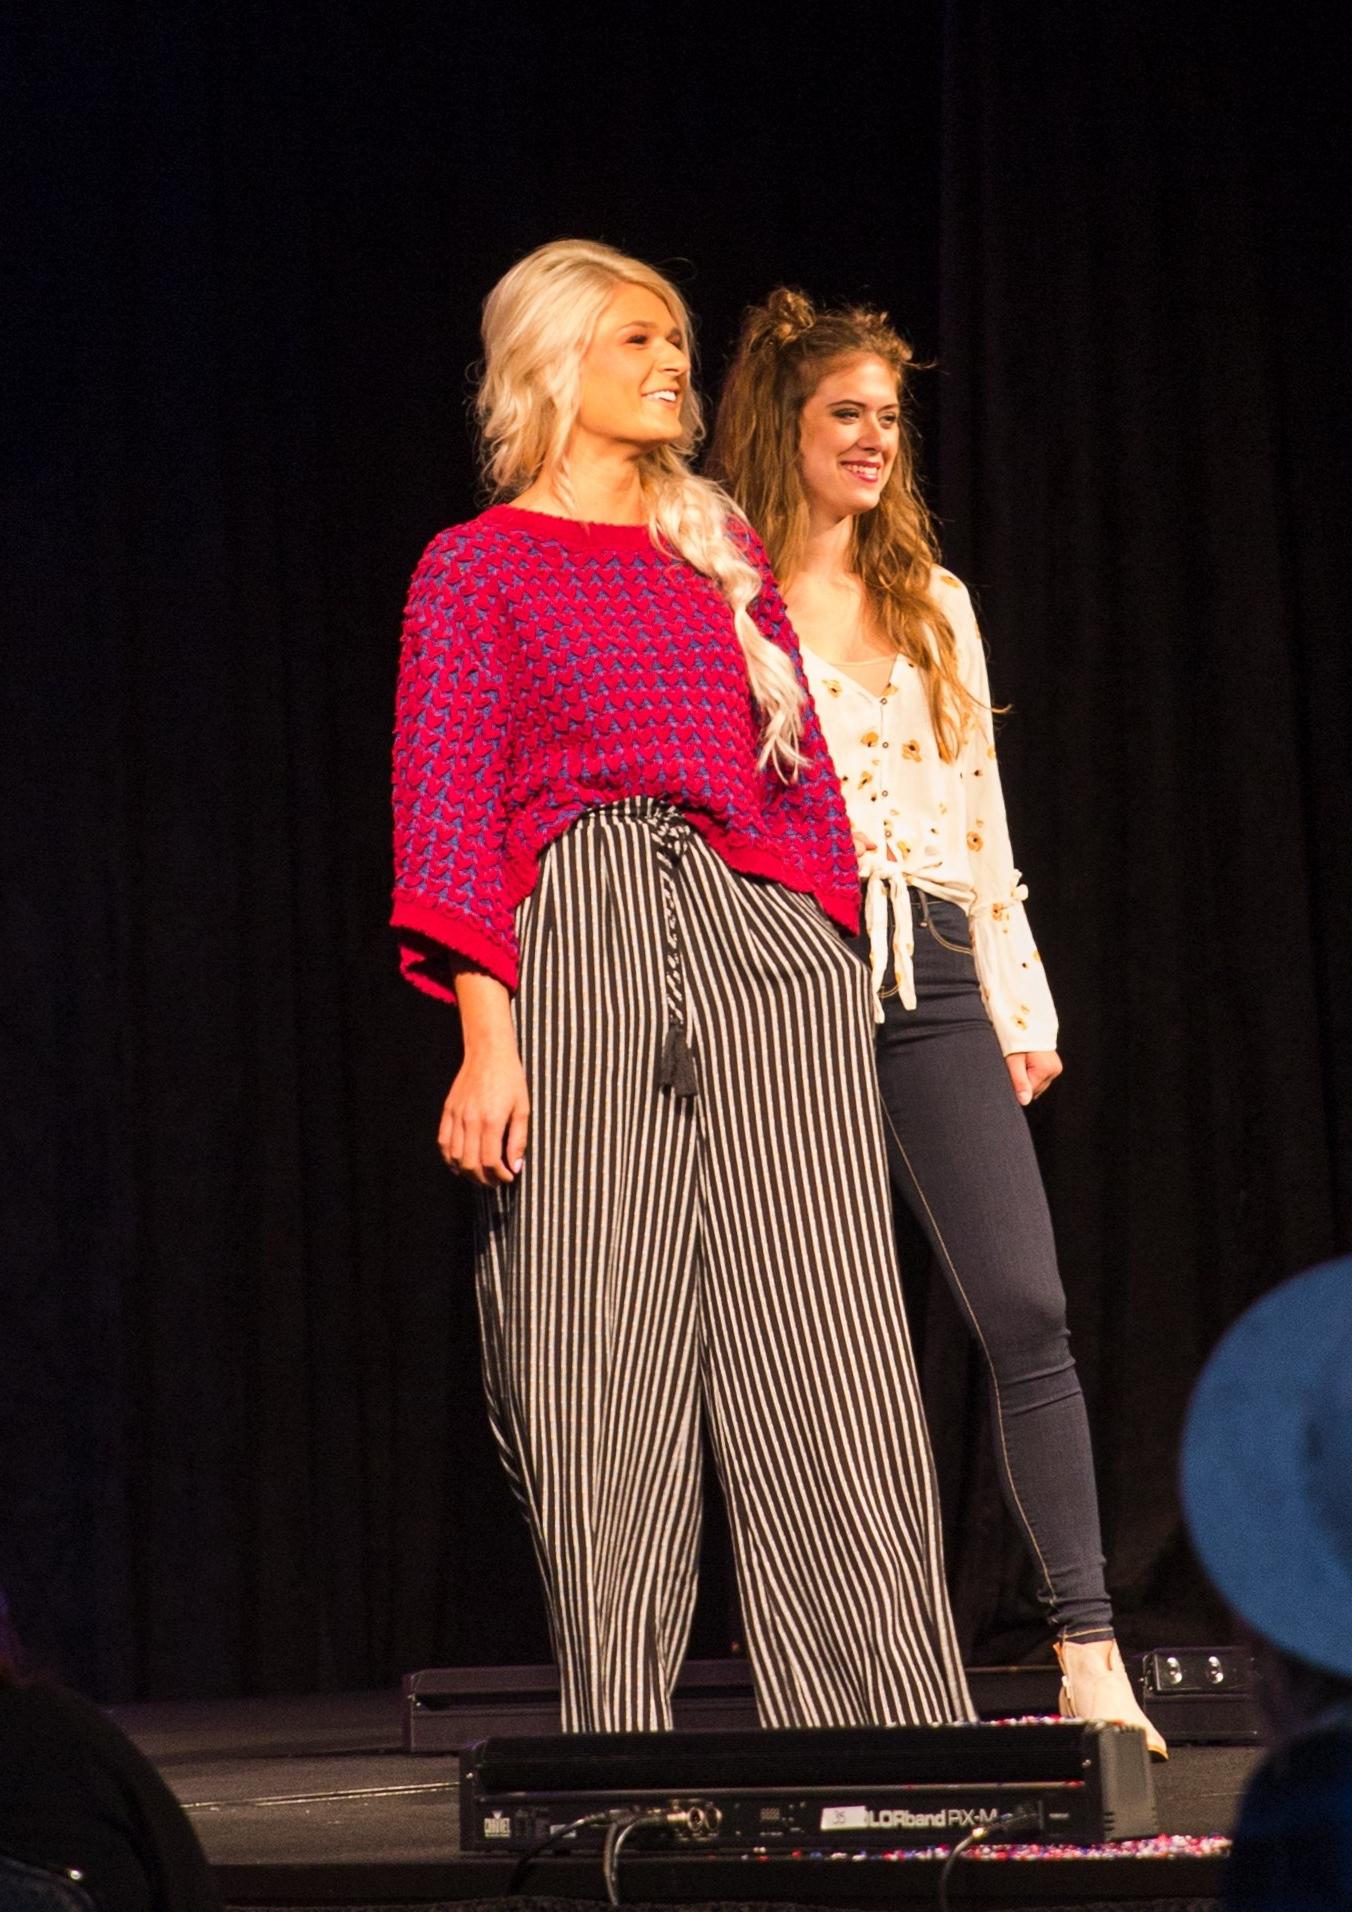 Women's Fall Fashion Oversized Sweaters and Fashion Pants